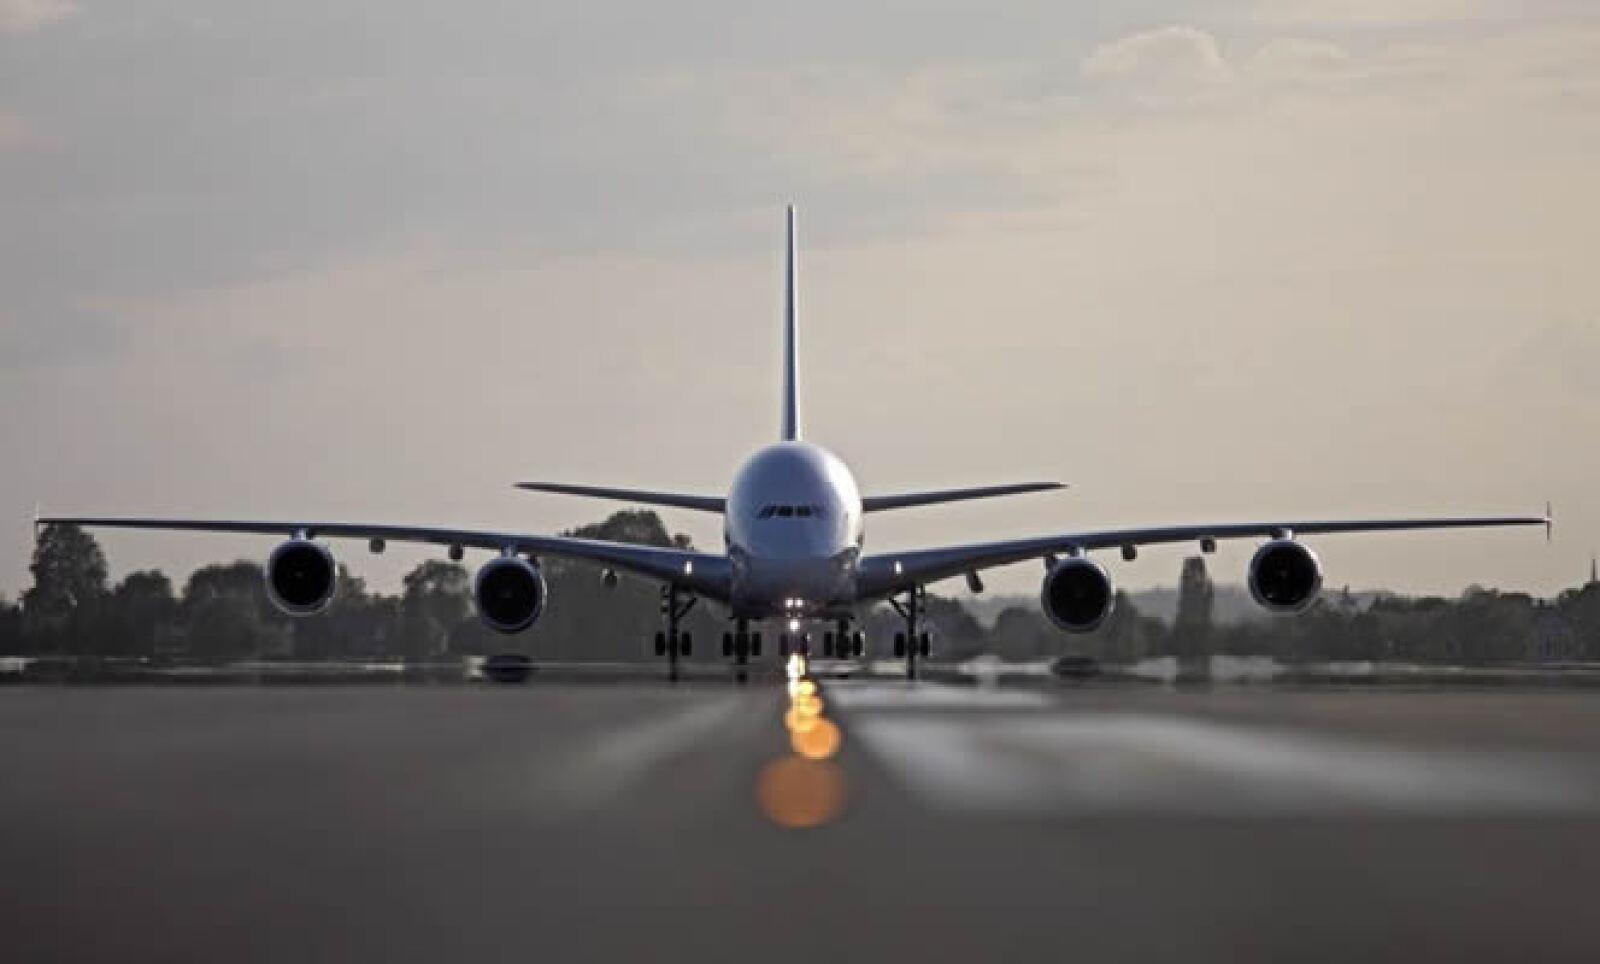 Para recibir al Aire France, las pistas deben tener una anchura mínima de 45 metros y los 538 pasajeros deben embarcar cómodamente en un avión de 2 niveles.